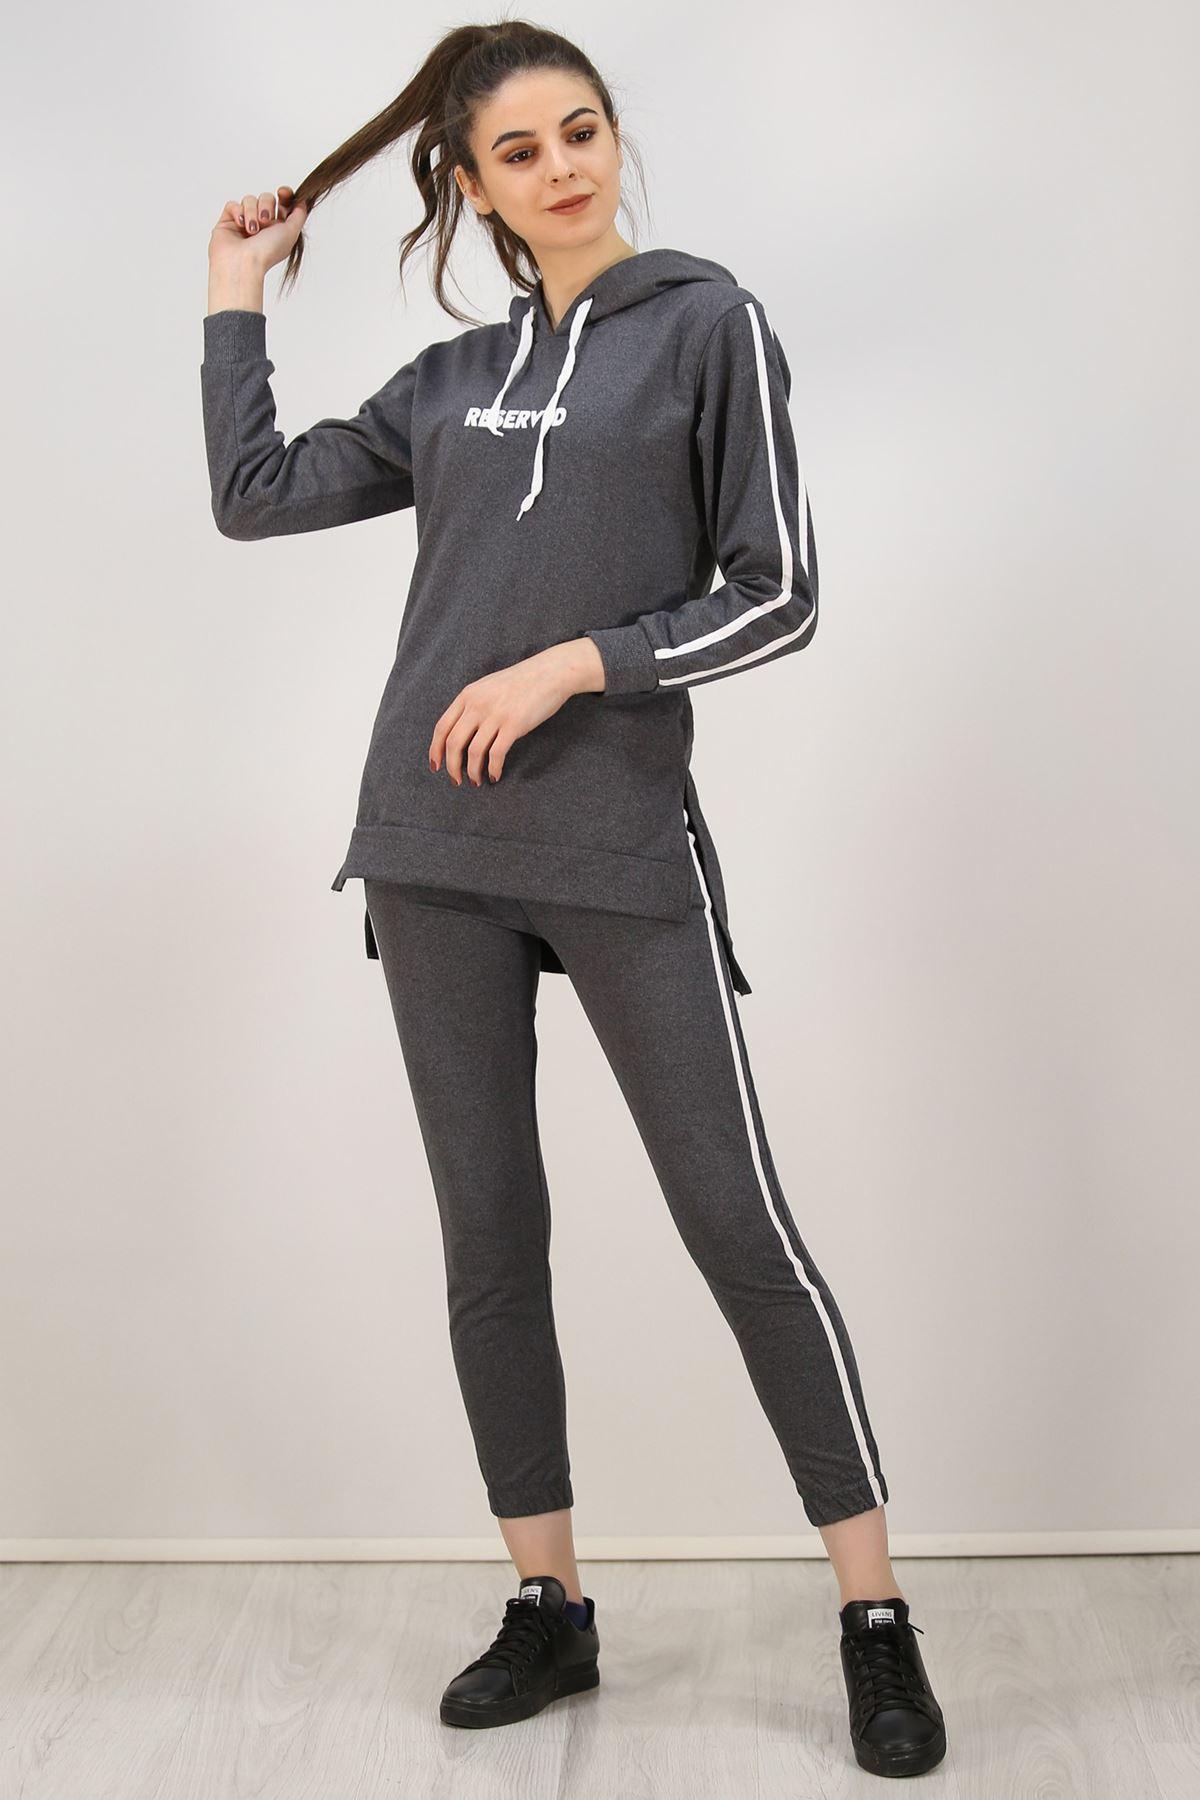 Kadın Kapüşonlu Tunik Takım Antrasit - 2772.1005.